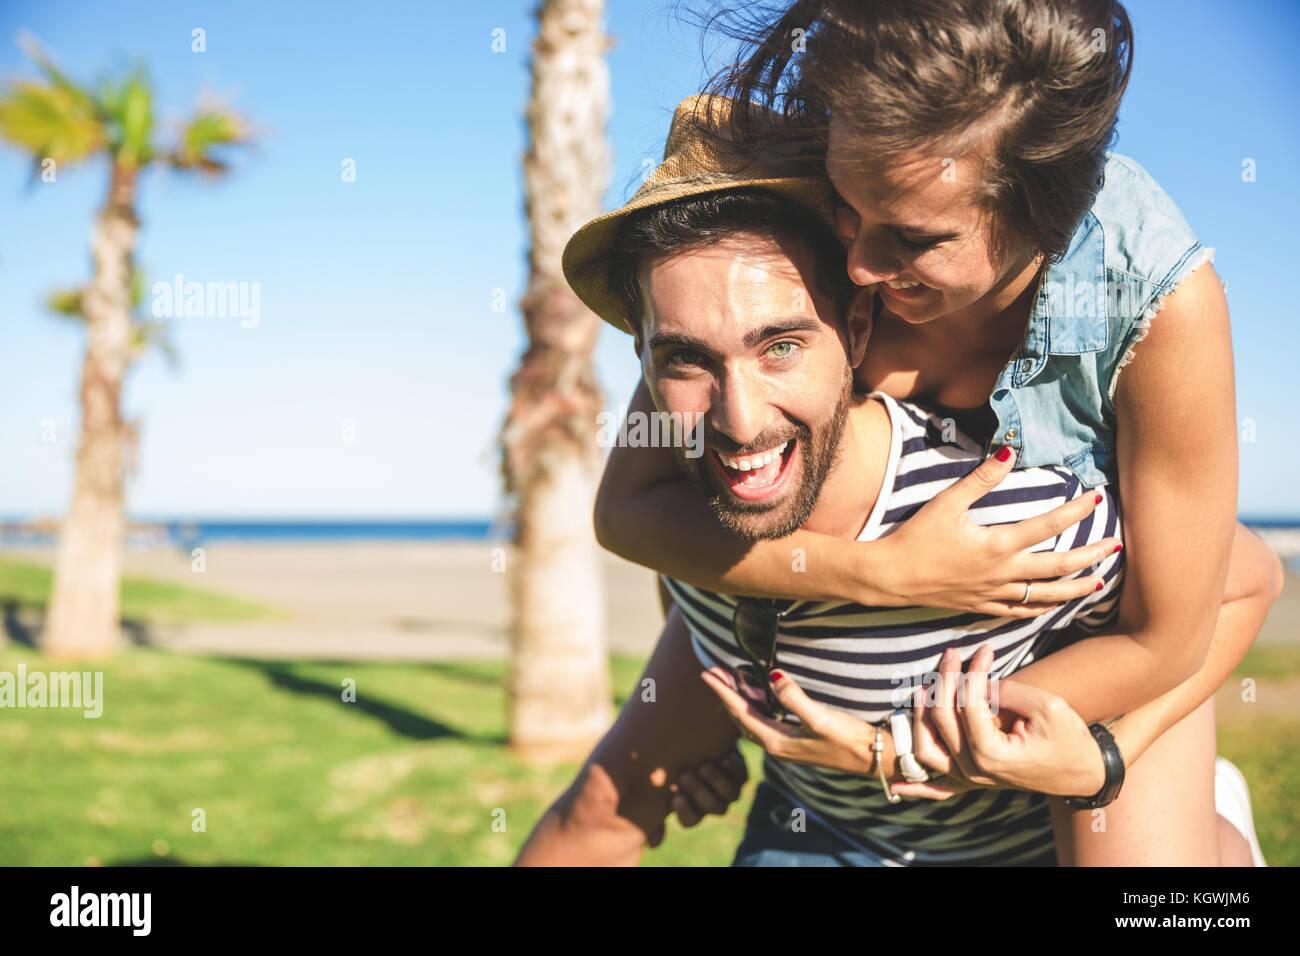 Ritratto di uomo felice di dare la sua fidanzata piggyback ride Immagini Stock